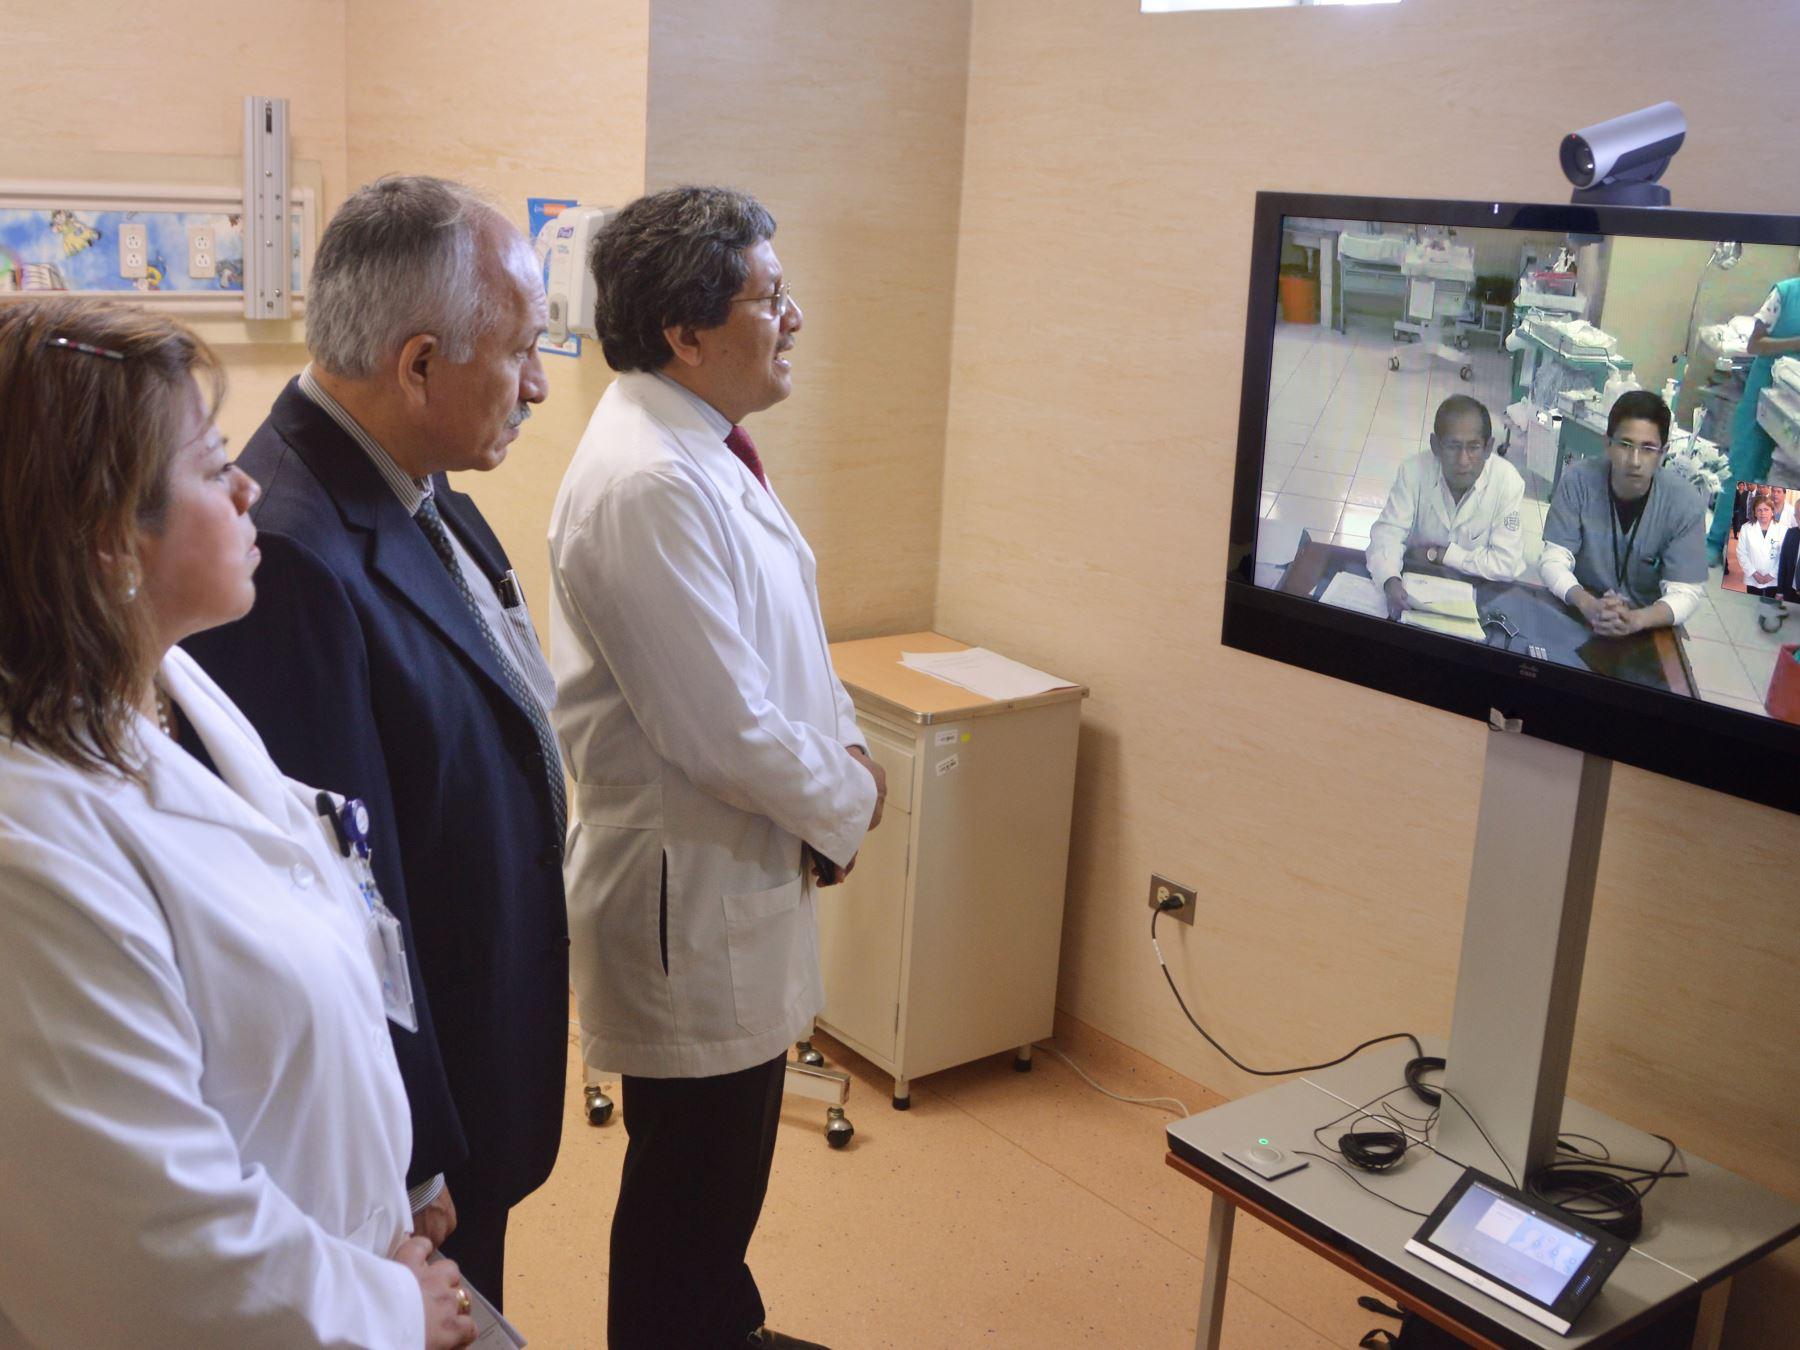 Instituto Nacional de Salud del Niño de San Borja, a la vanguardia en el uso de telemedicina para atender a niños, niñas y adolescentes de las regiones más alejadas del país.